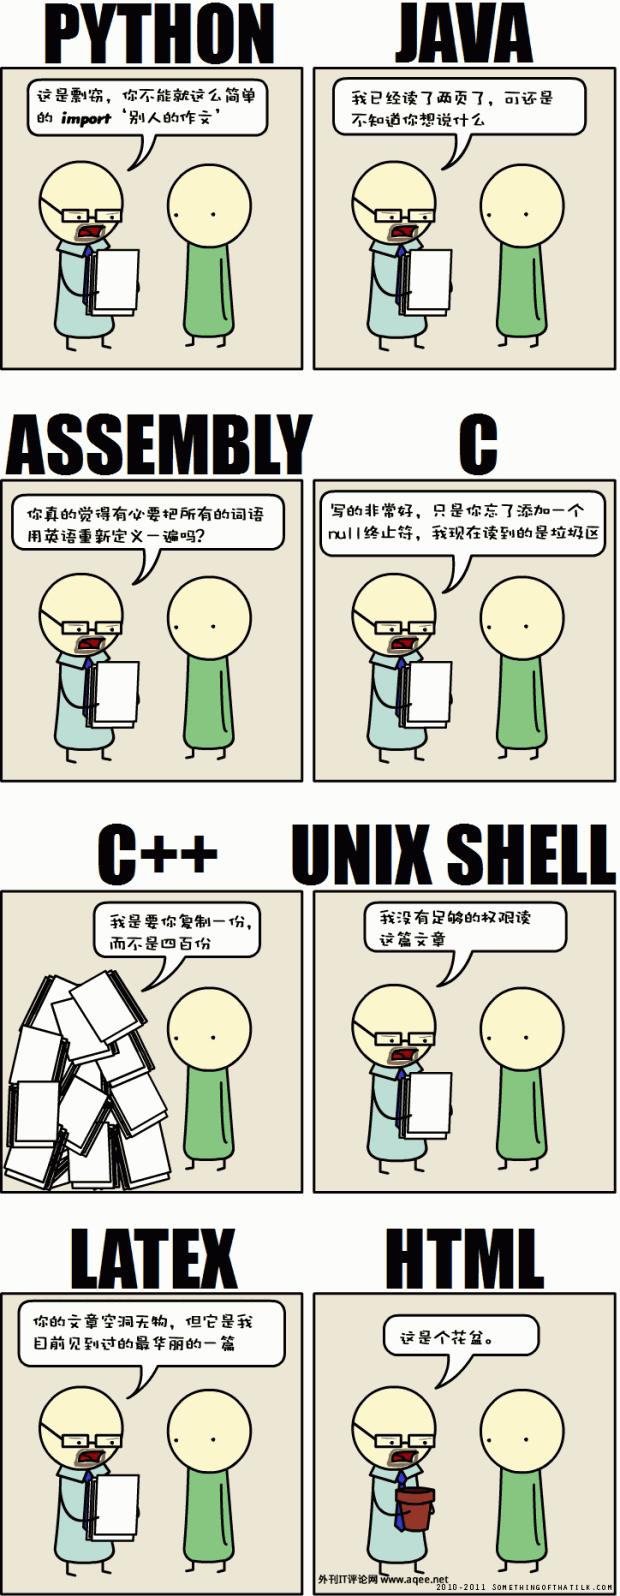 漫画:如果用编程语言来写作文 - 第1张  | 技术人生-孙强